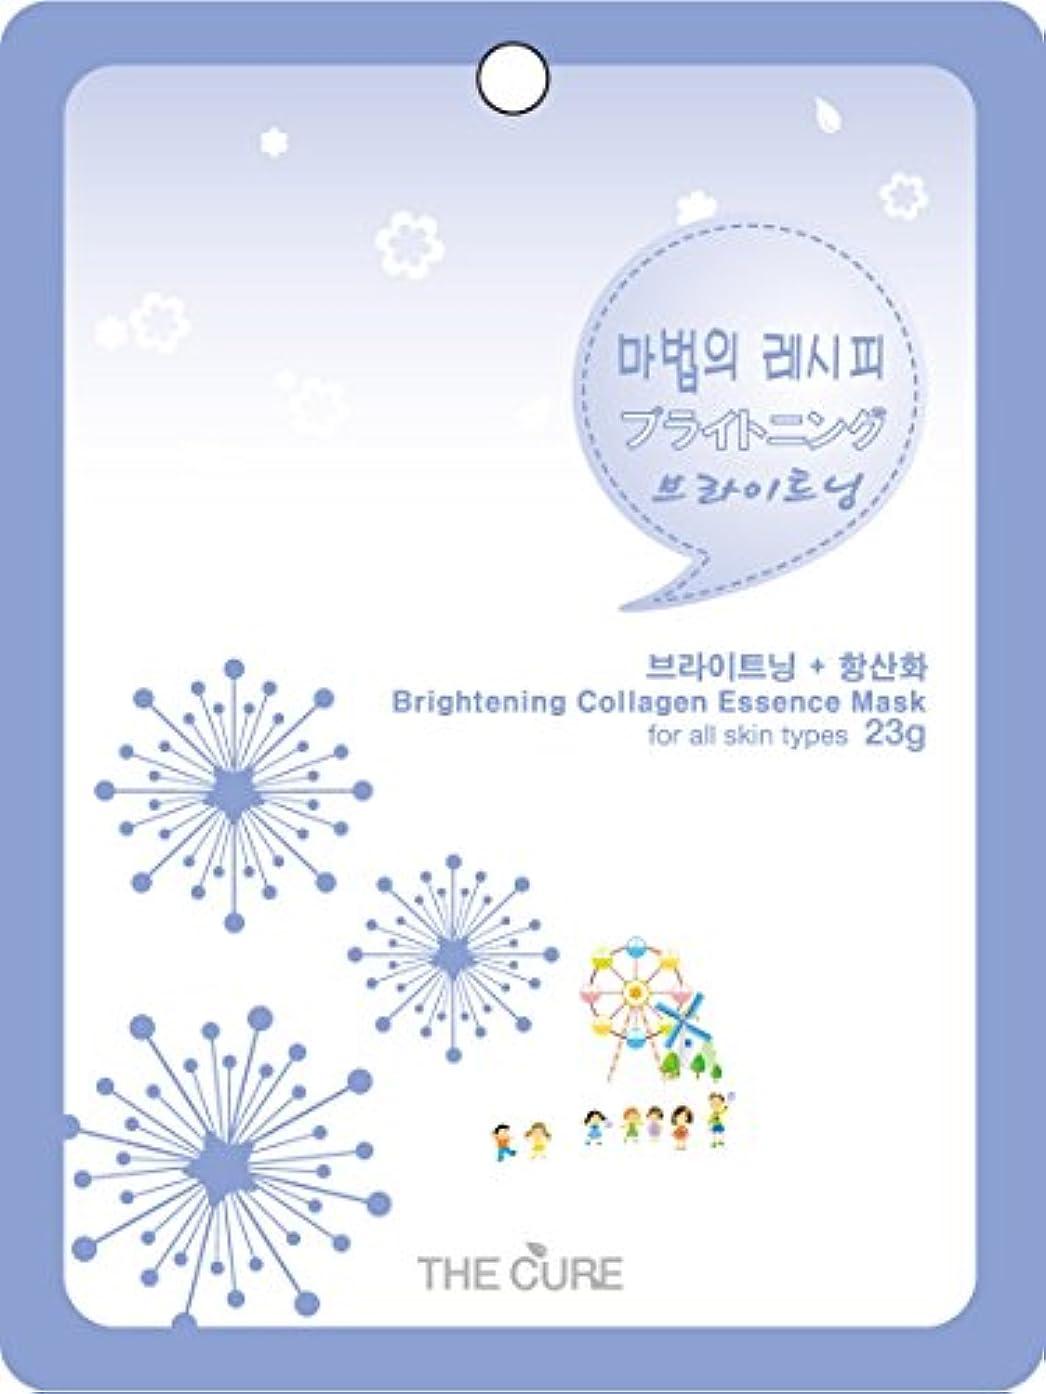 偉業広告主熟考するブライトニング コラーゲン エッセンス マスク THE CURE シート パック 100枚セット 韓国 コスメ 乾燥肌 オイリー肌 混合肌